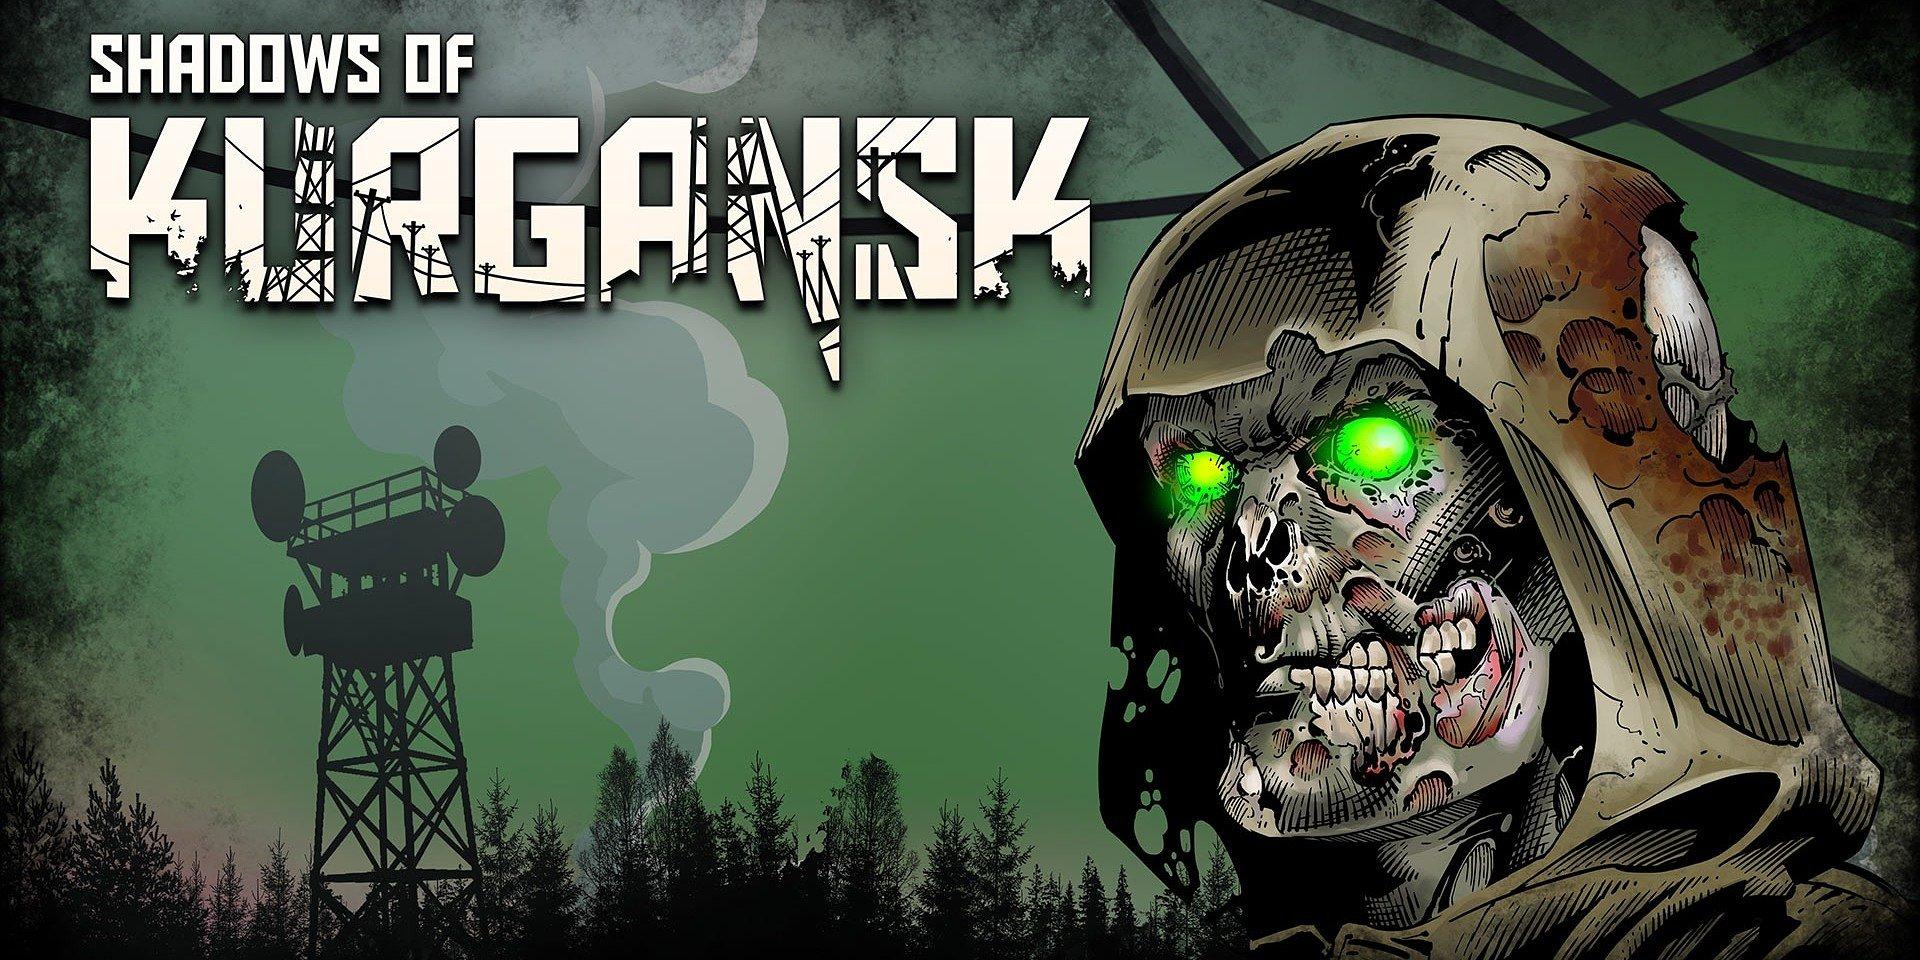 Umělecká hororová hra Shadows of Kurgansk bude spuštěna na každé konzole